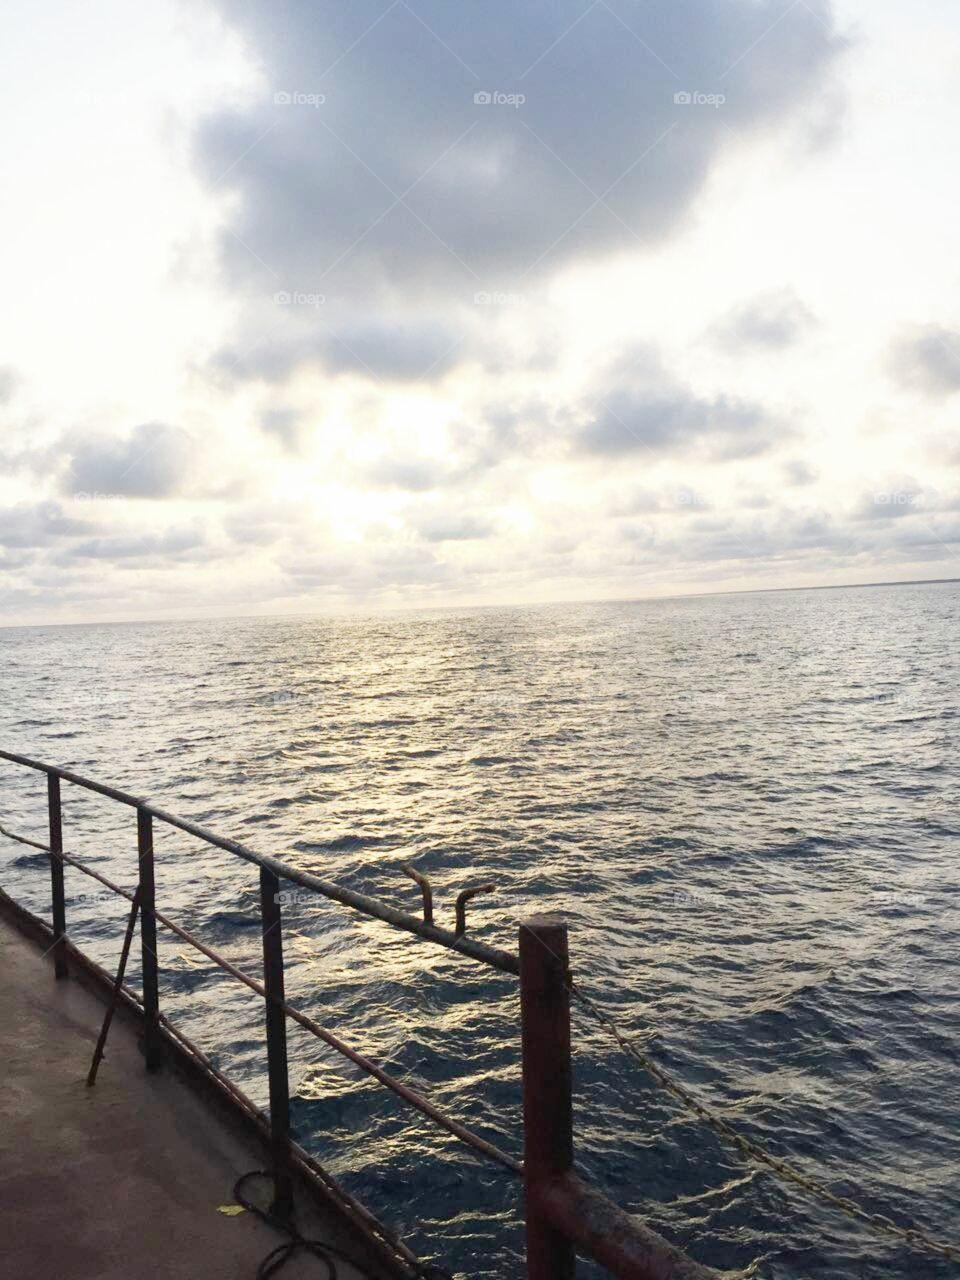 Water, Sea, Ocean, No Person, Travel